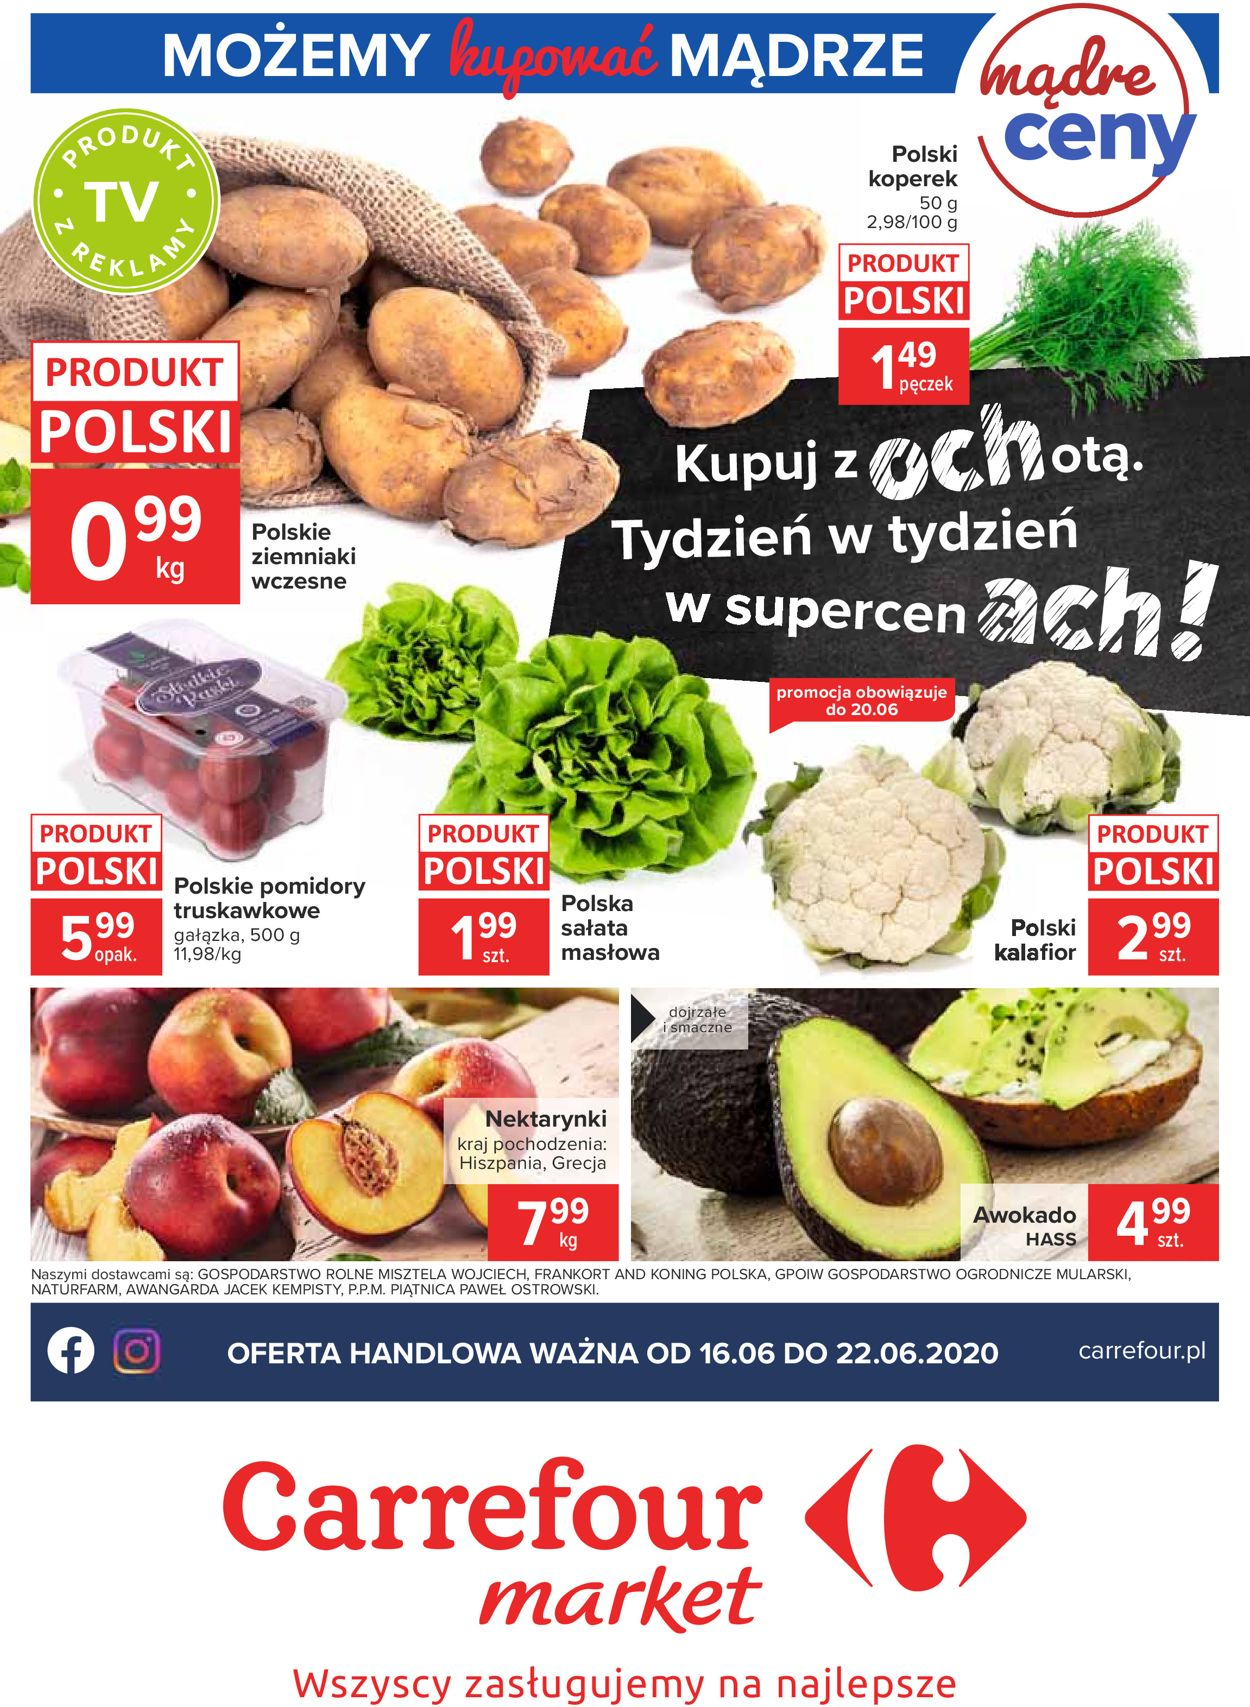 Gazetka promocyjna Carrefour - 16.06-22.06.2020